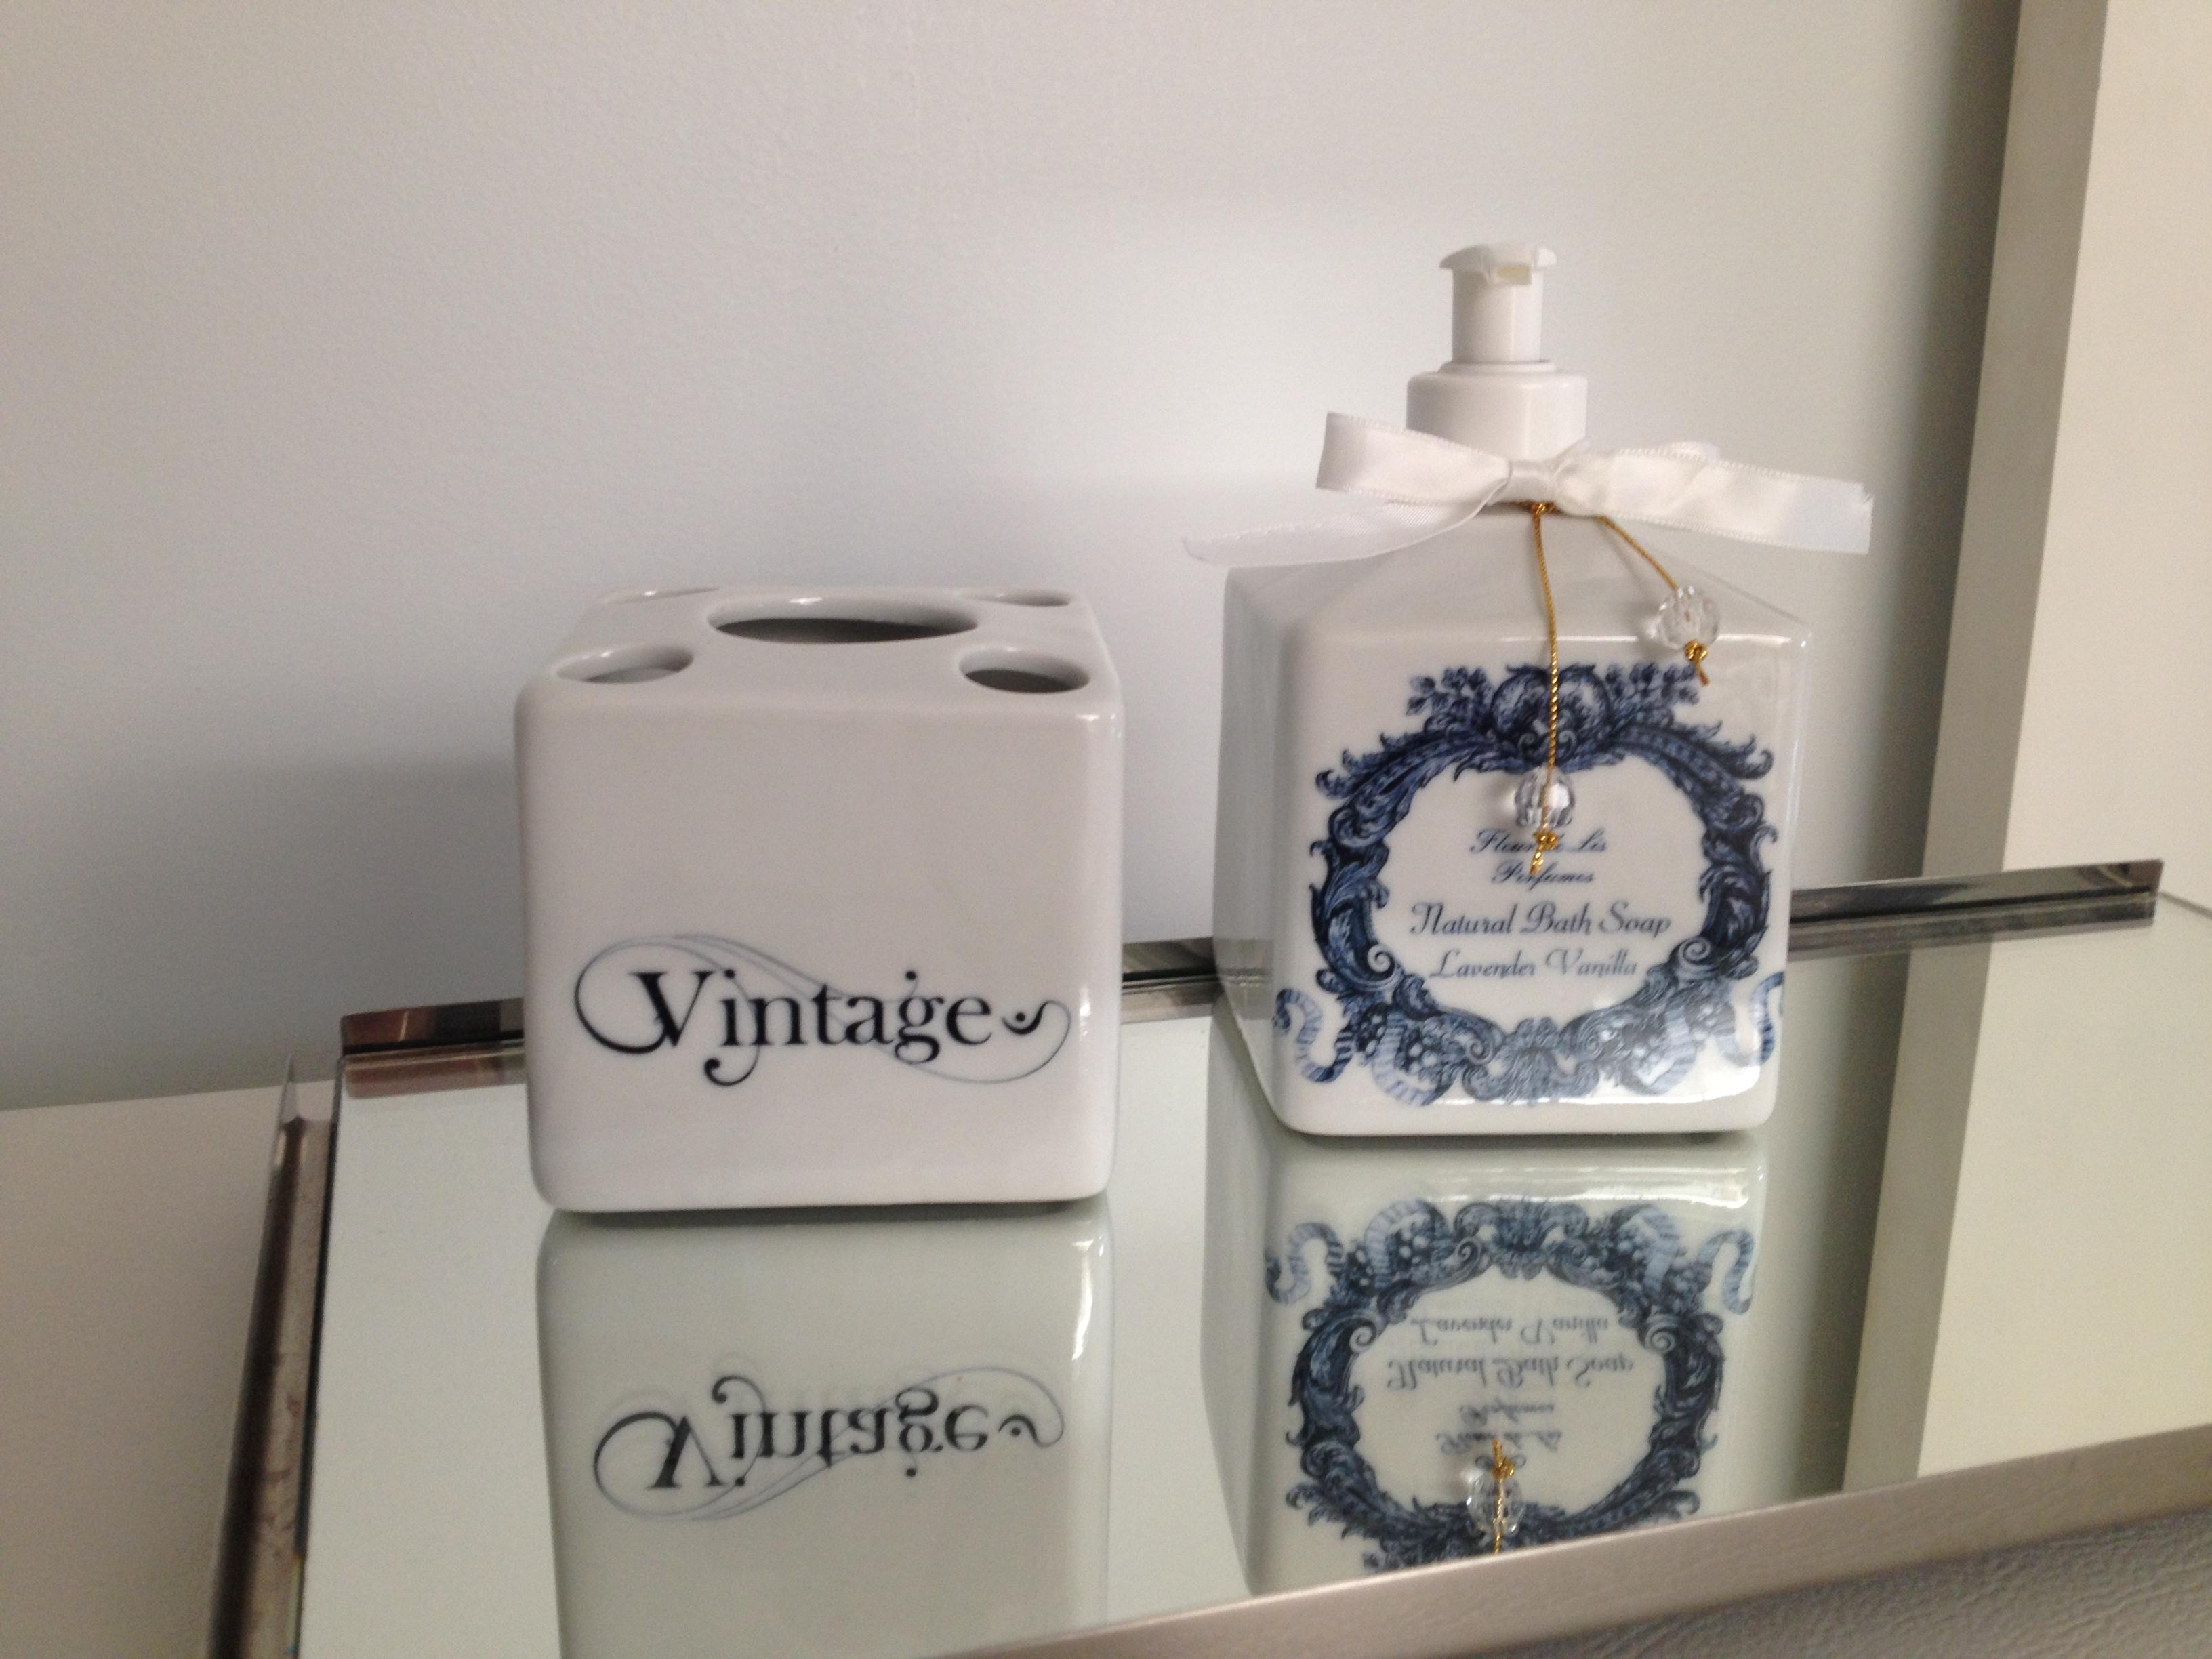 #595044  kit para banheiro vintage quadrado porcelana kit para banheiro vintage 3264x2448 px kit de banheiro hidrolar